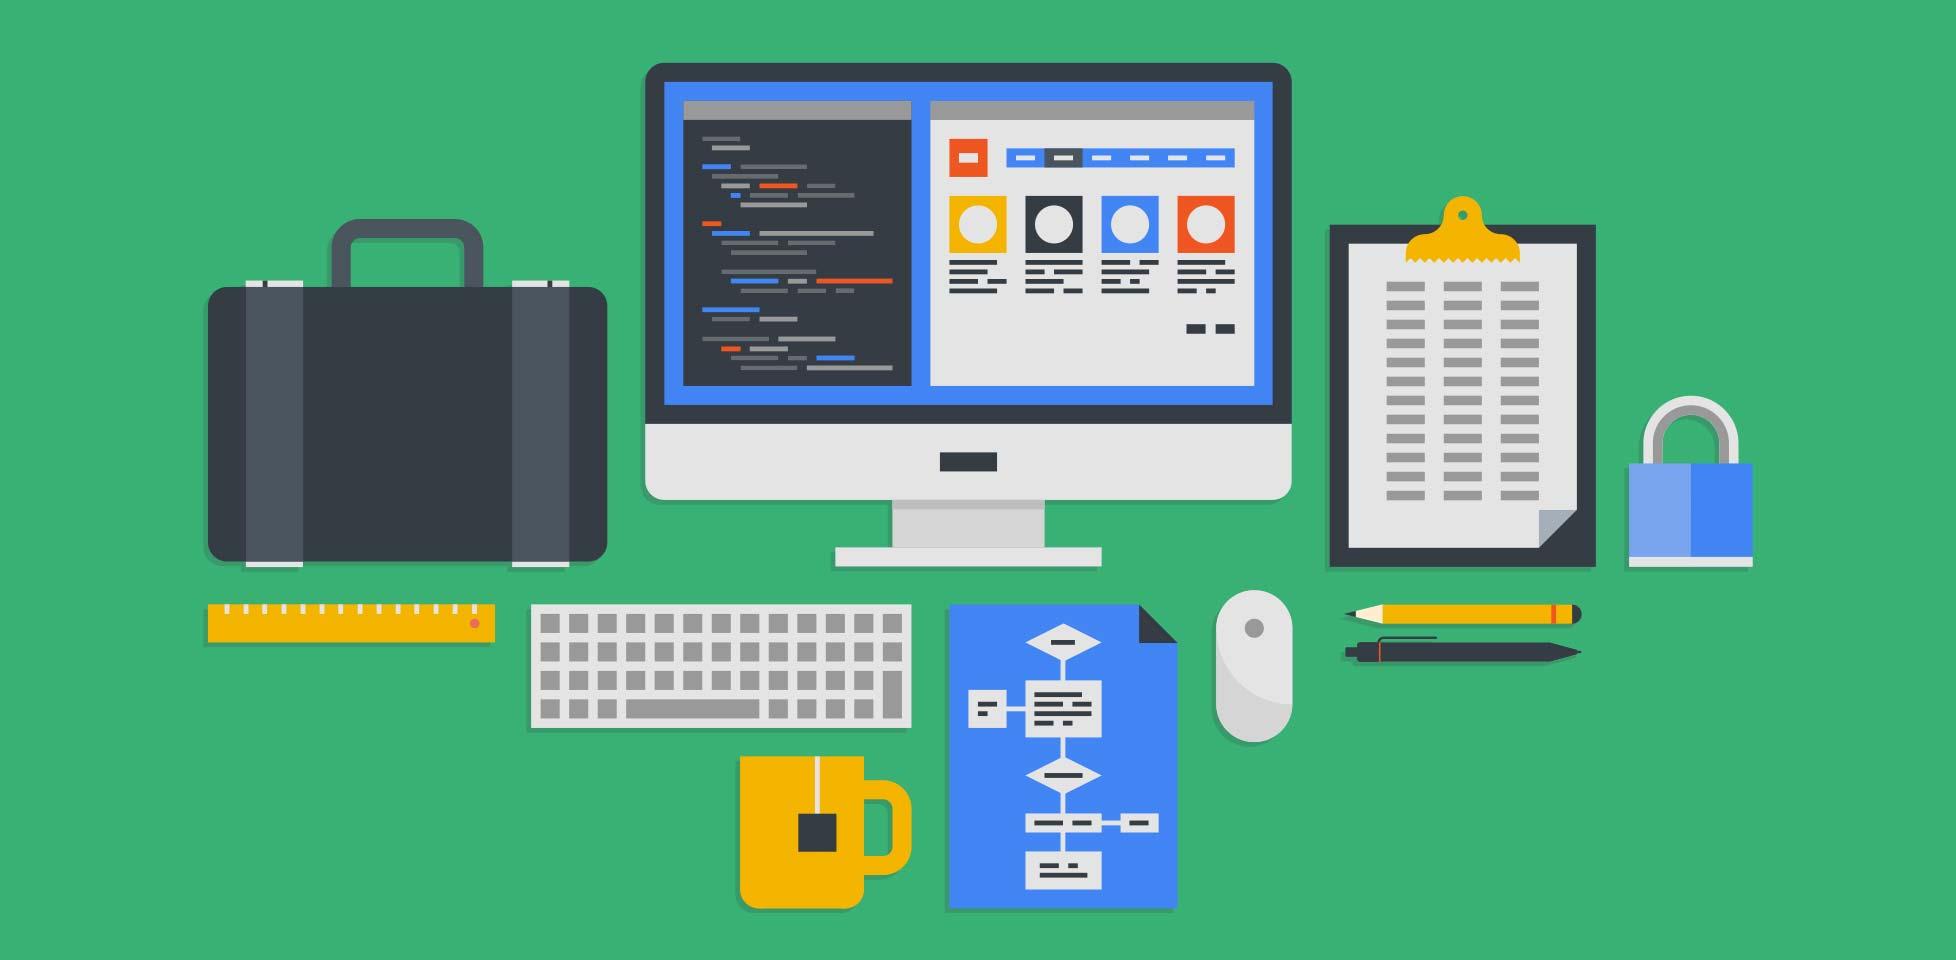 тренды веб-дизайна в 2017 году